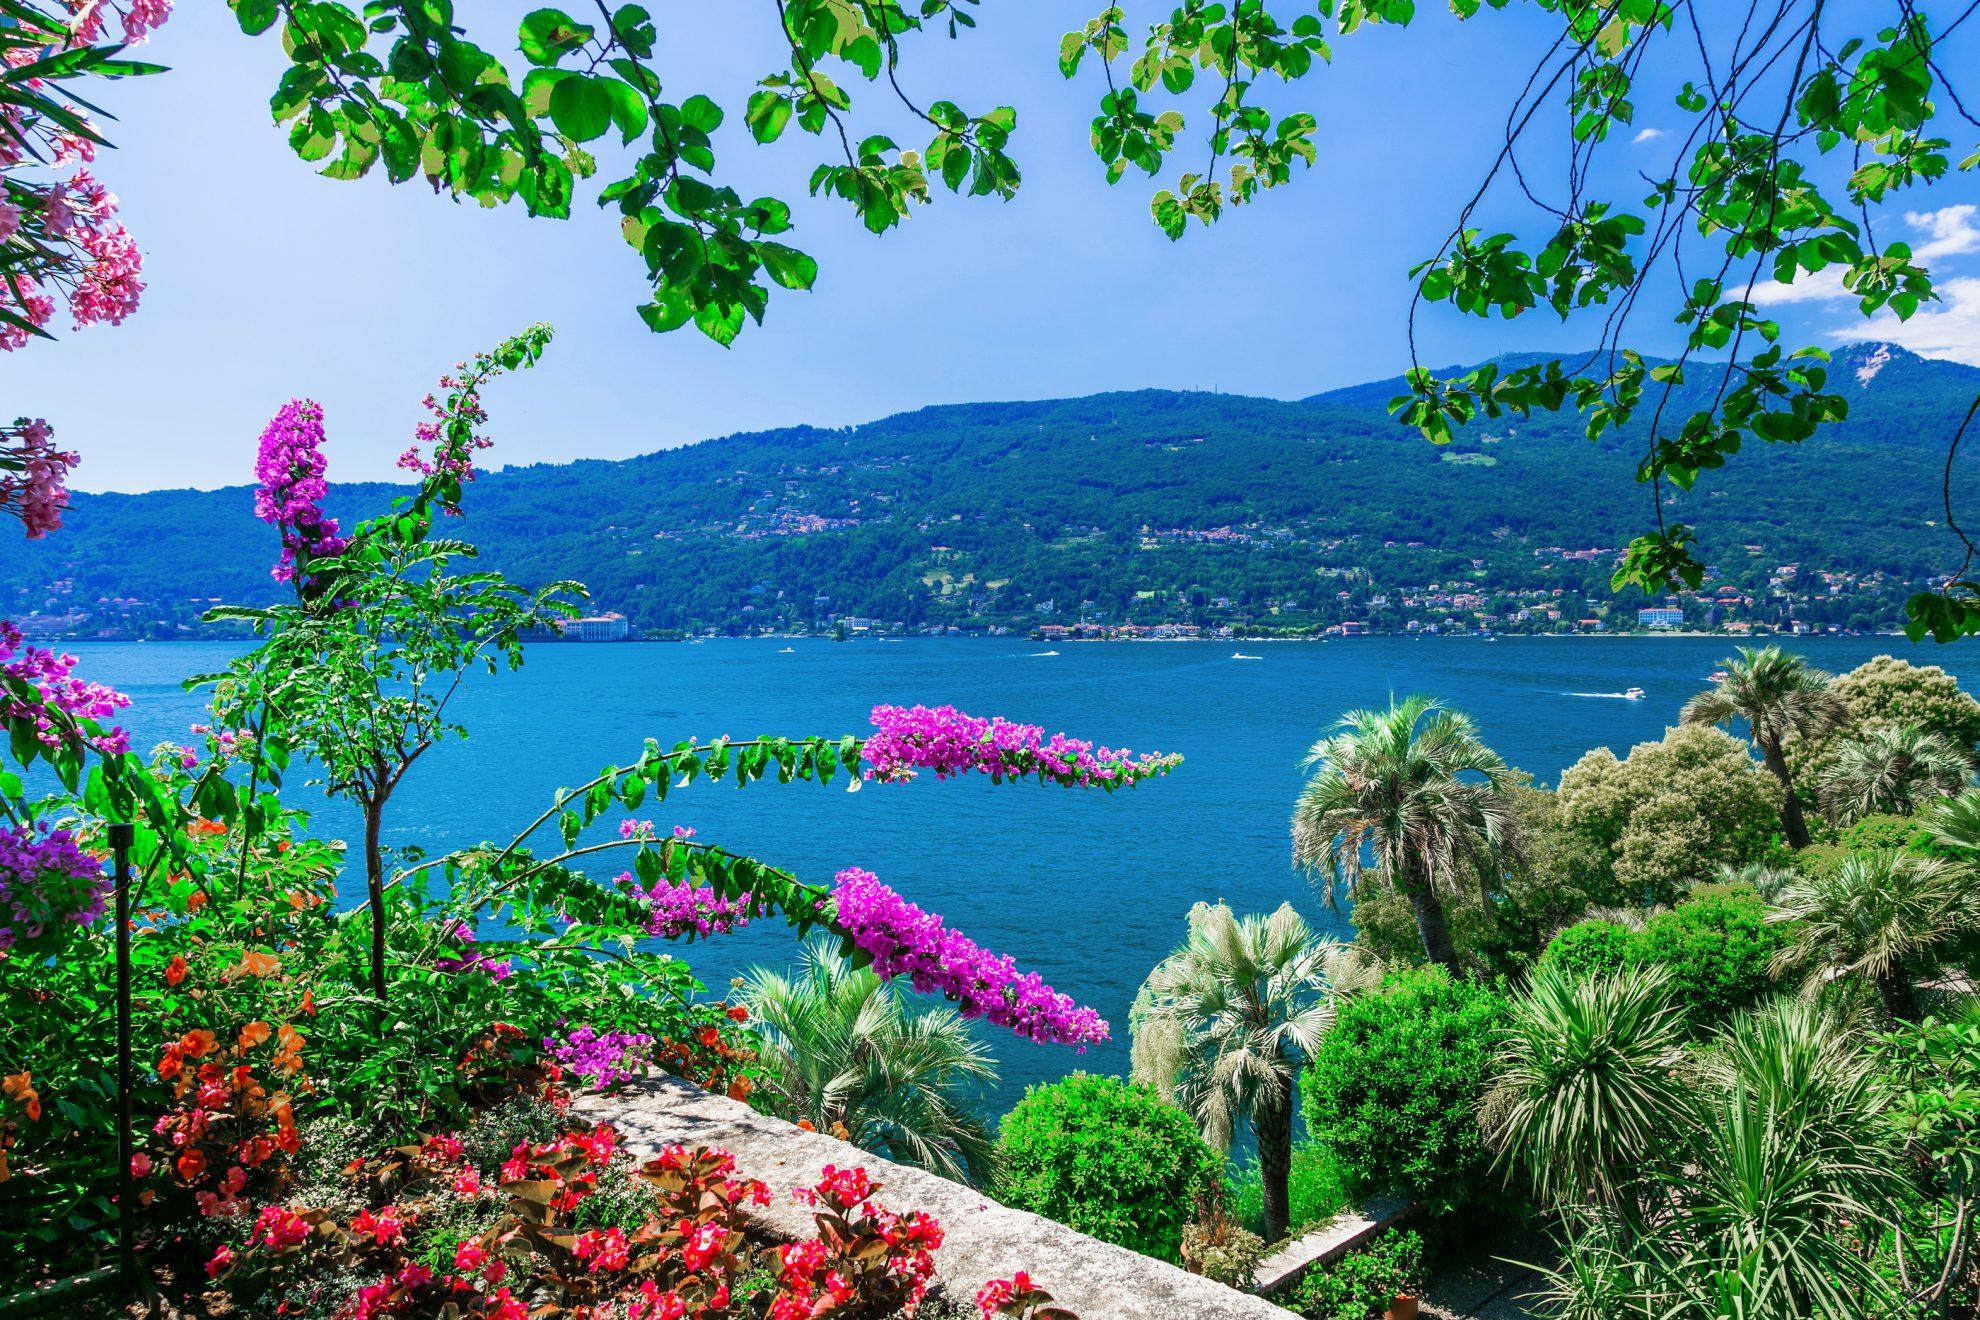 Lago Maggiore Karte.Lago Maggiore Sehenswurdigkeiten Top 10 Der Beliebtesten